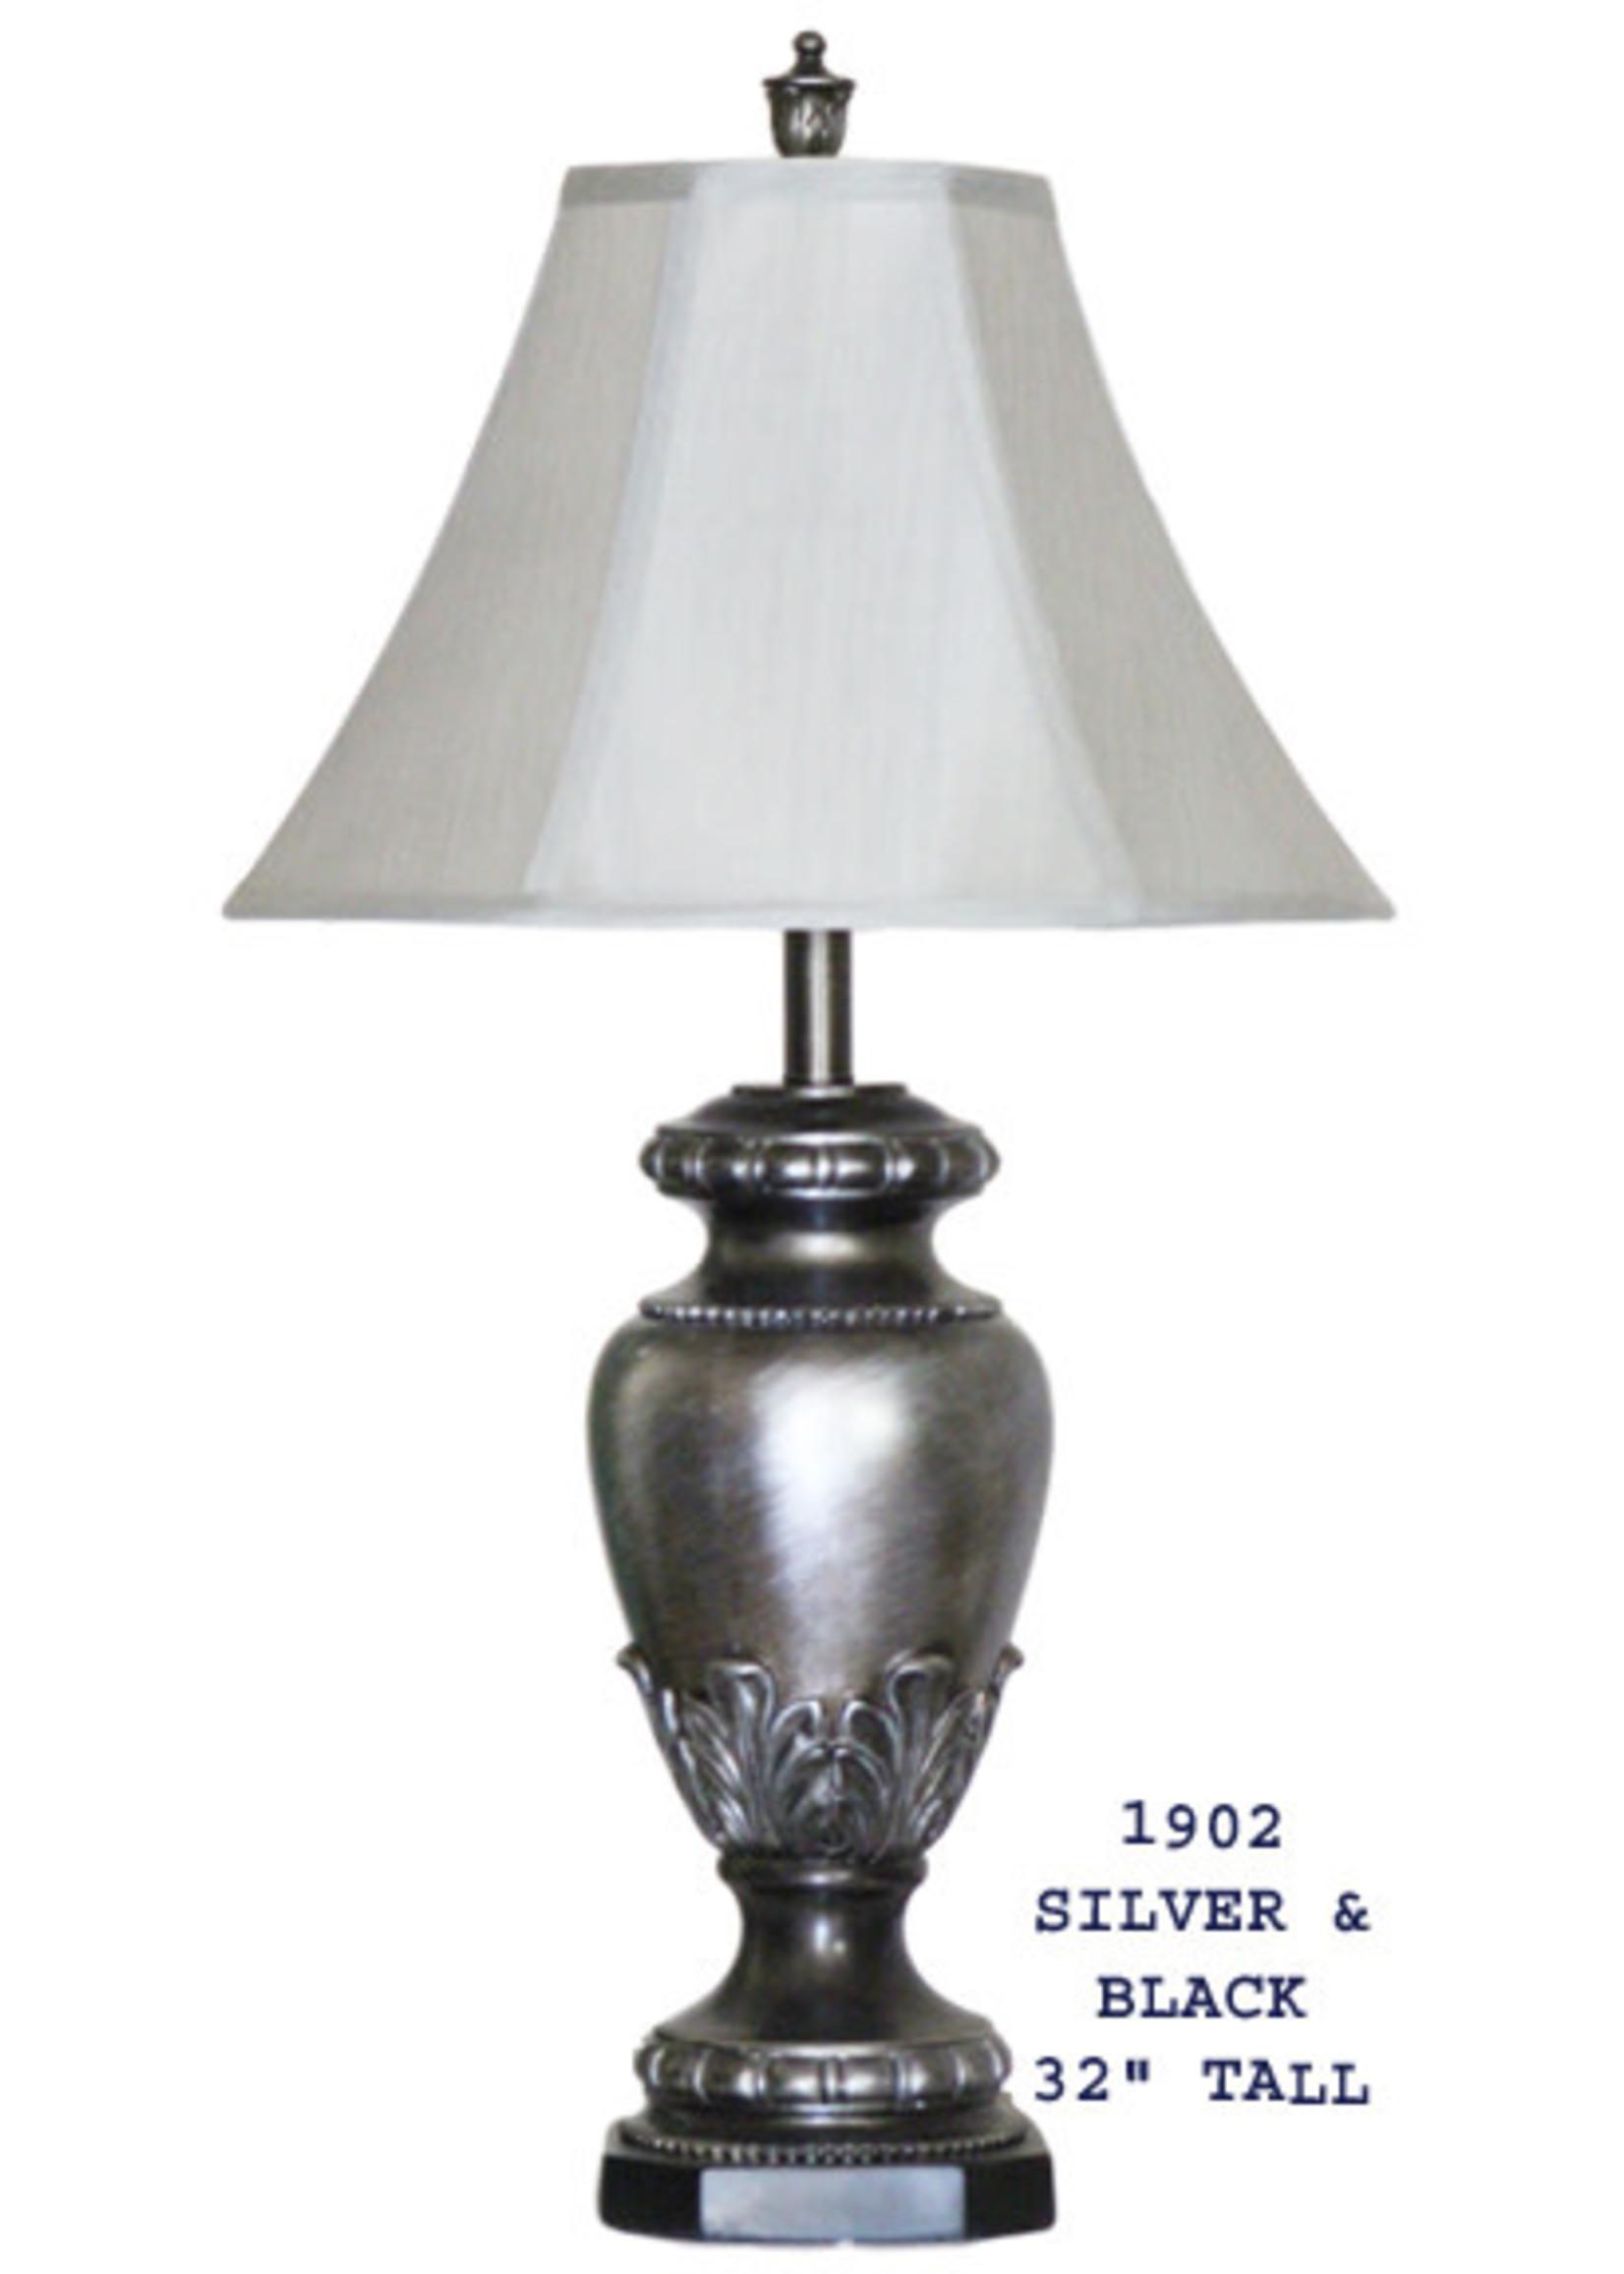 H&H LAMP TABLE LAMP IN GRAY & BLACK